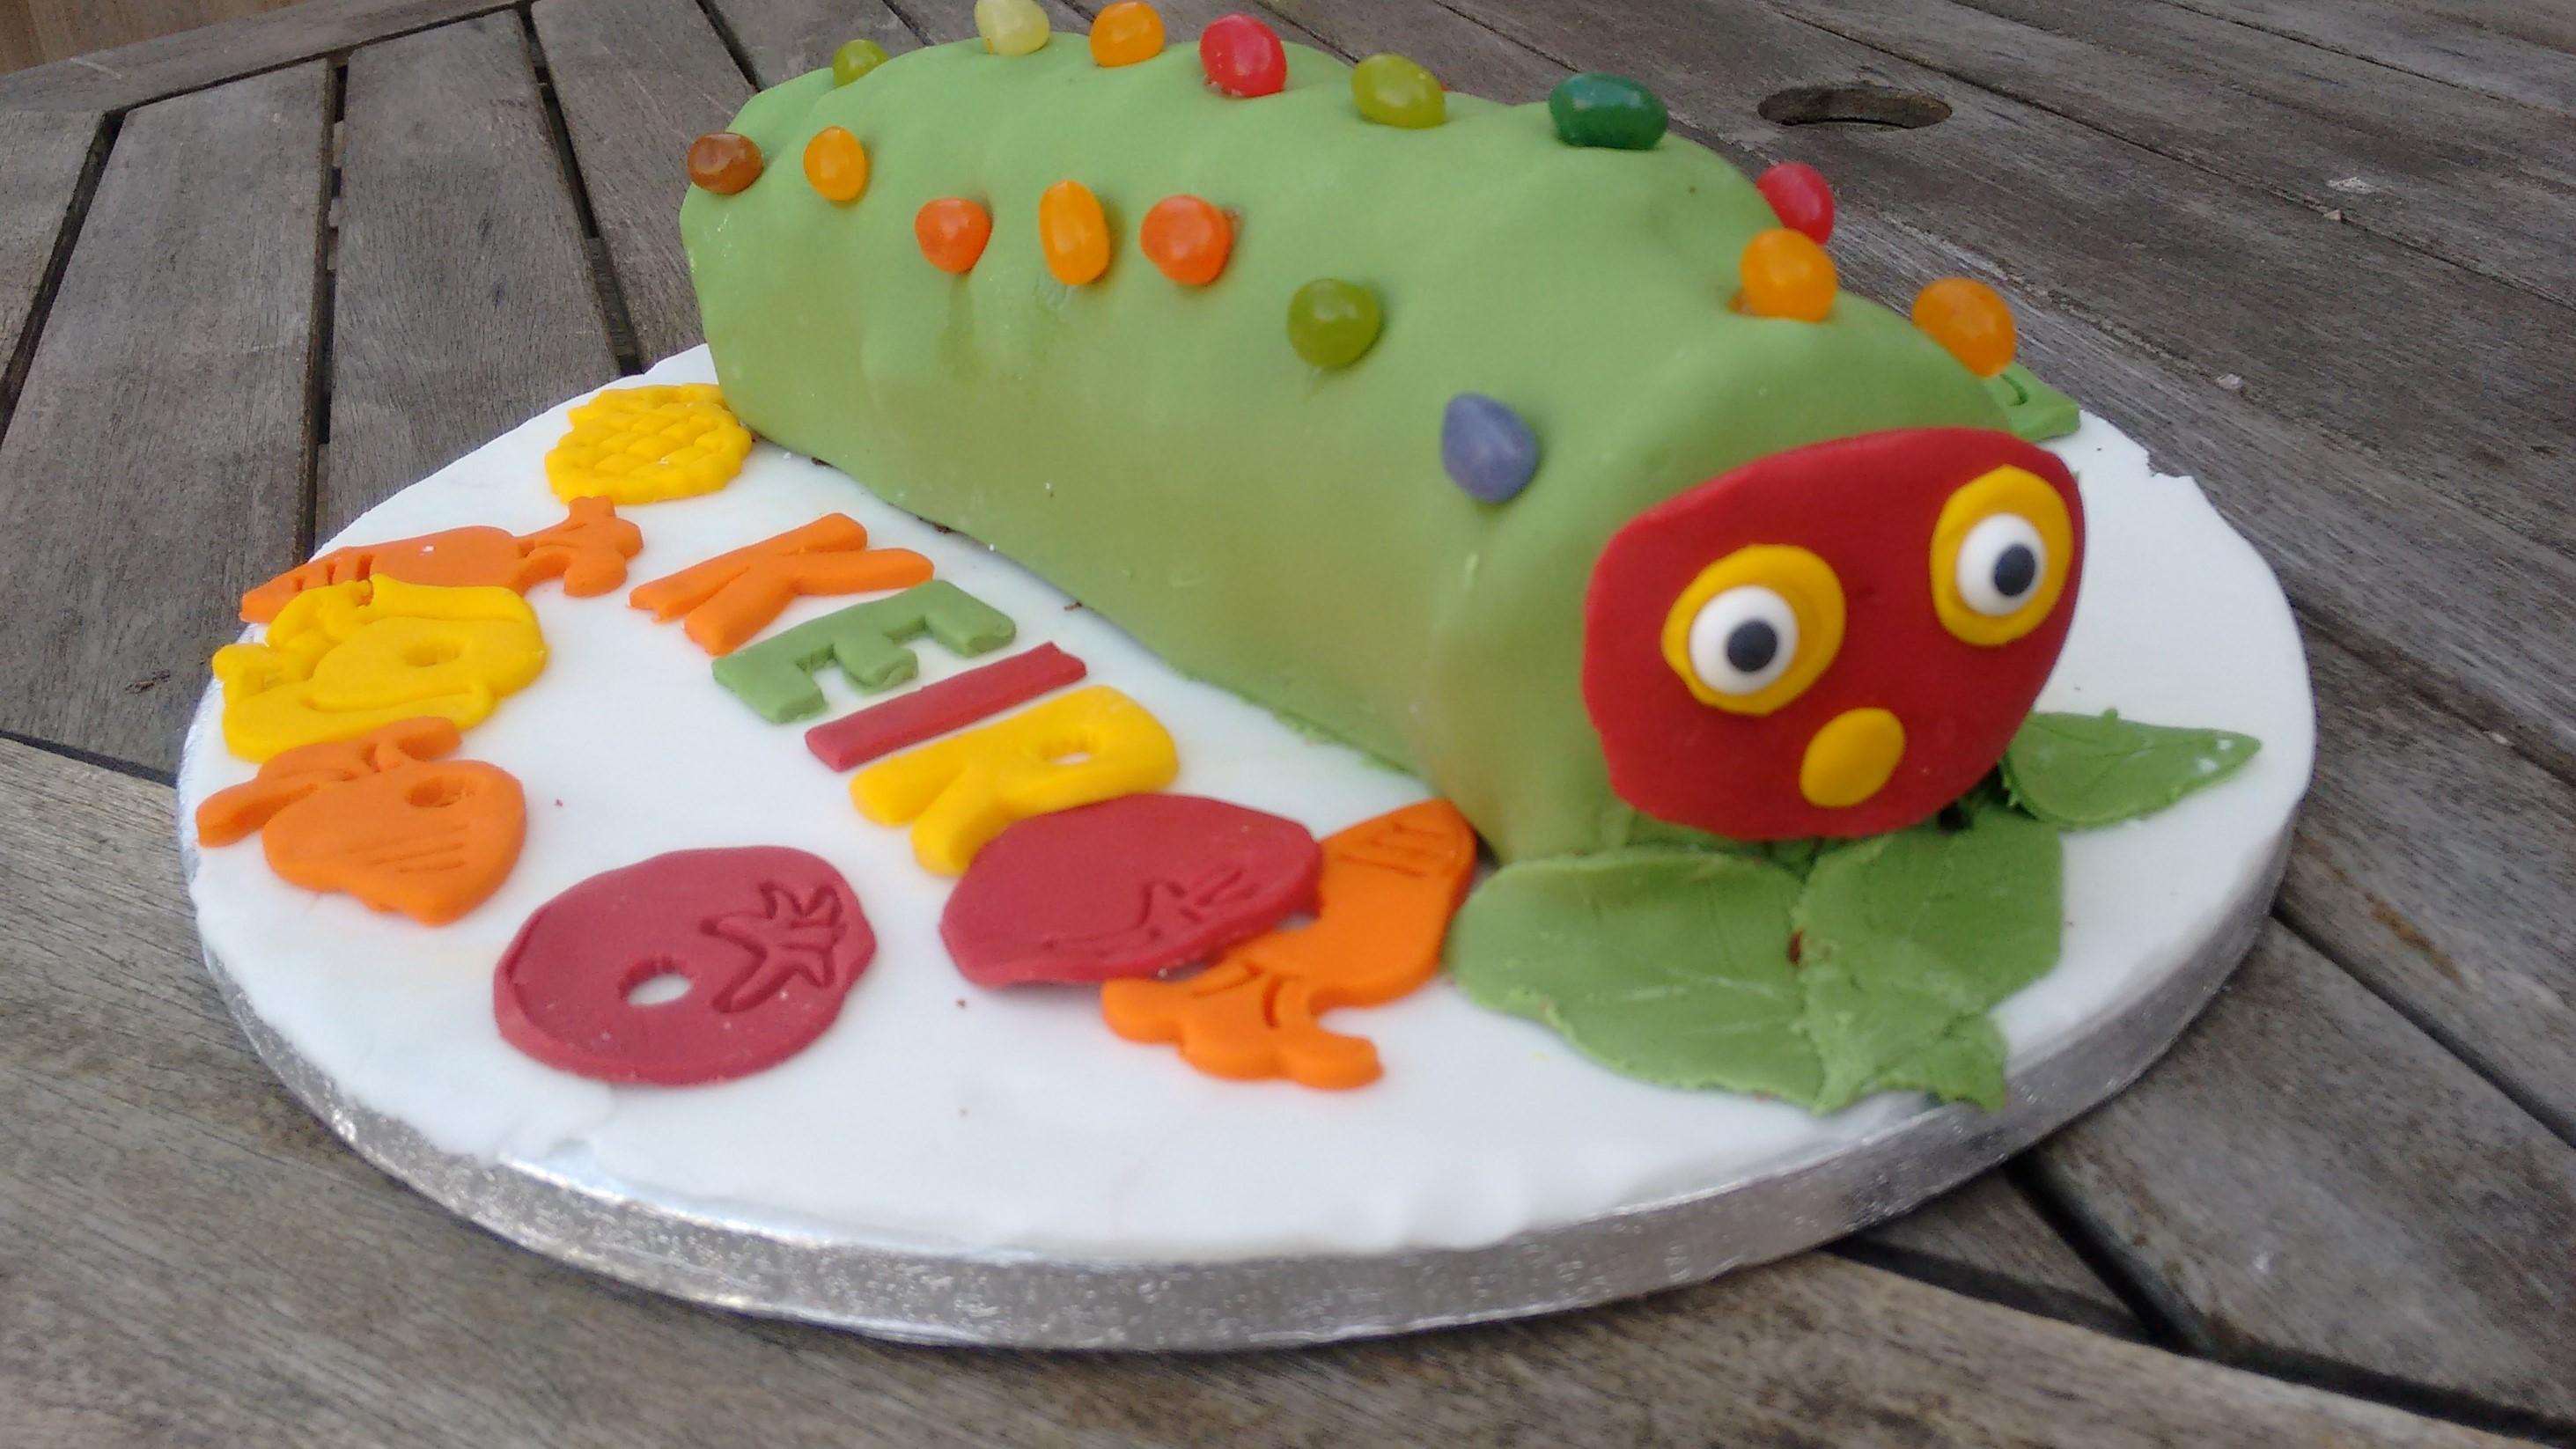 Pku Birthday Cake Recipe